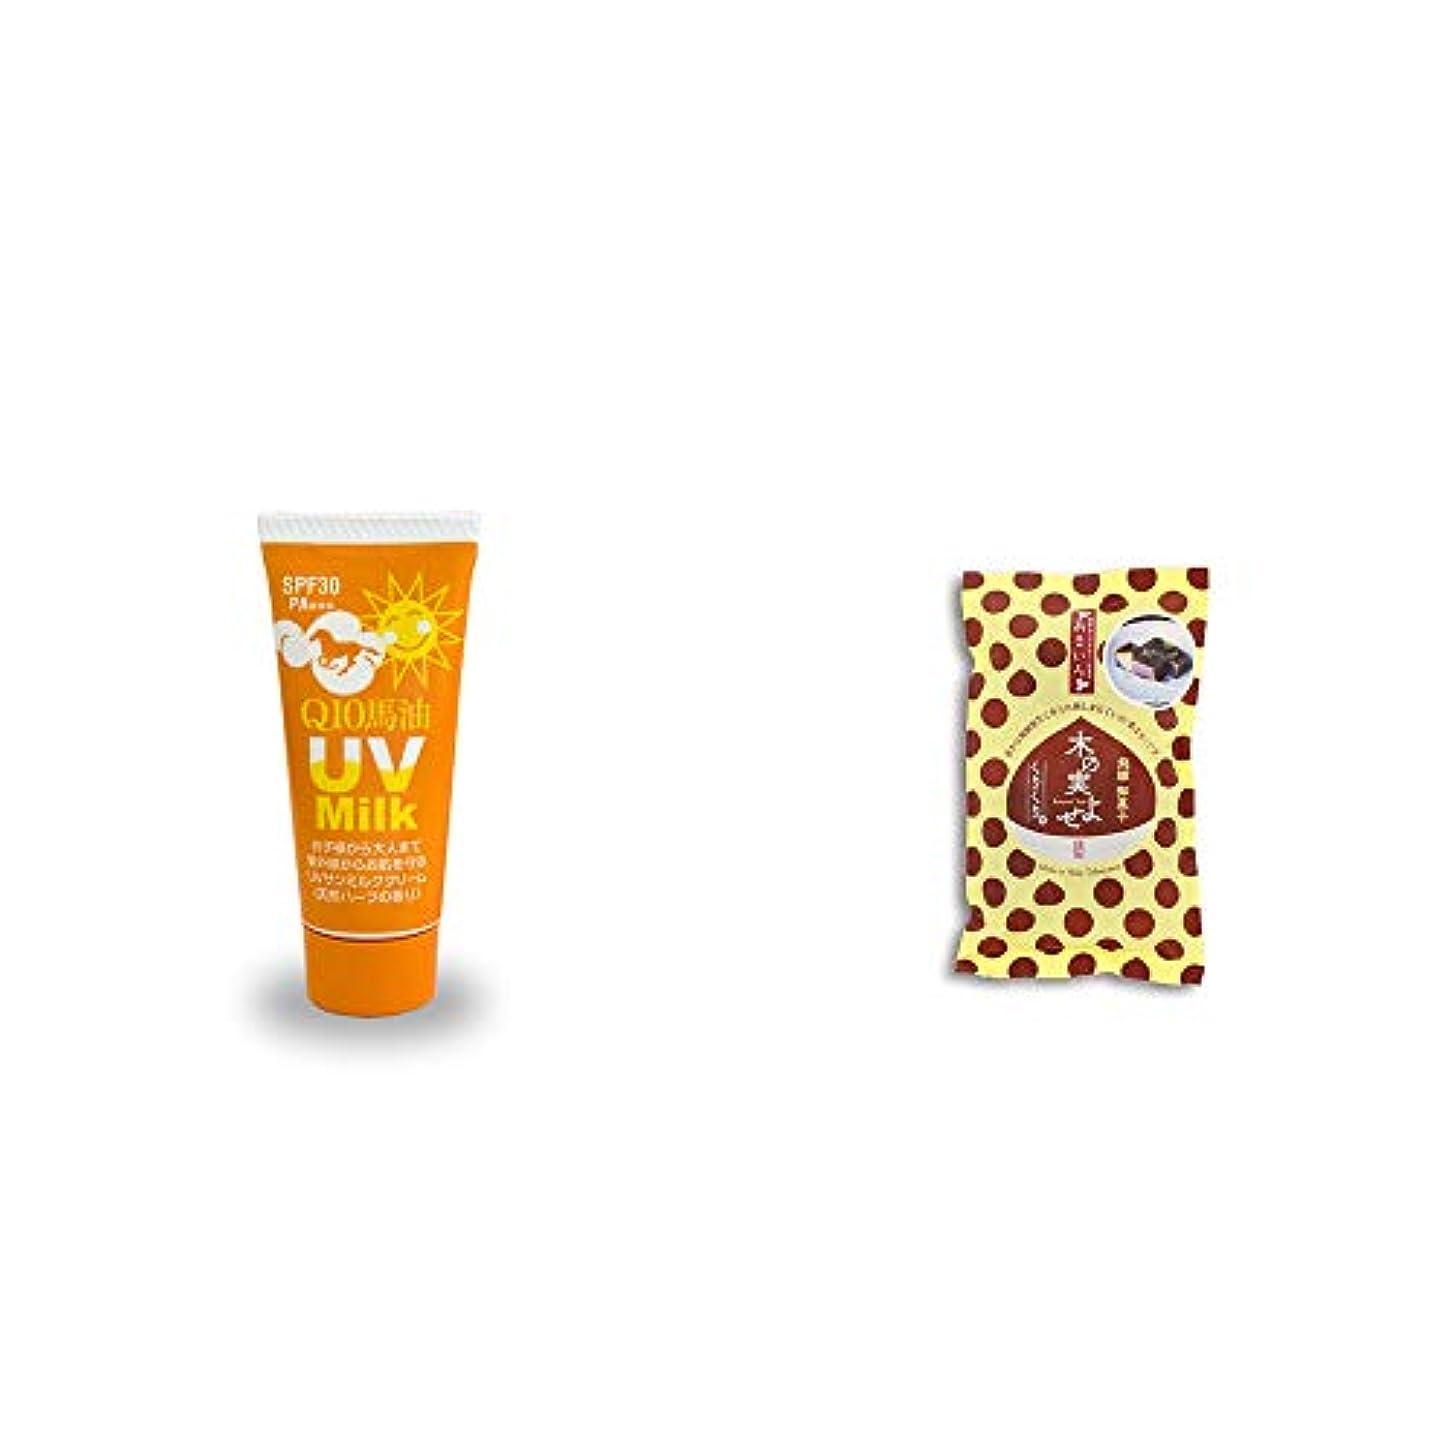 [2点セット] 炭黒泉 Q10馬油 UVサンミルク[天然ハーブ](40g)?木の実よせ くりくり味(5個入)